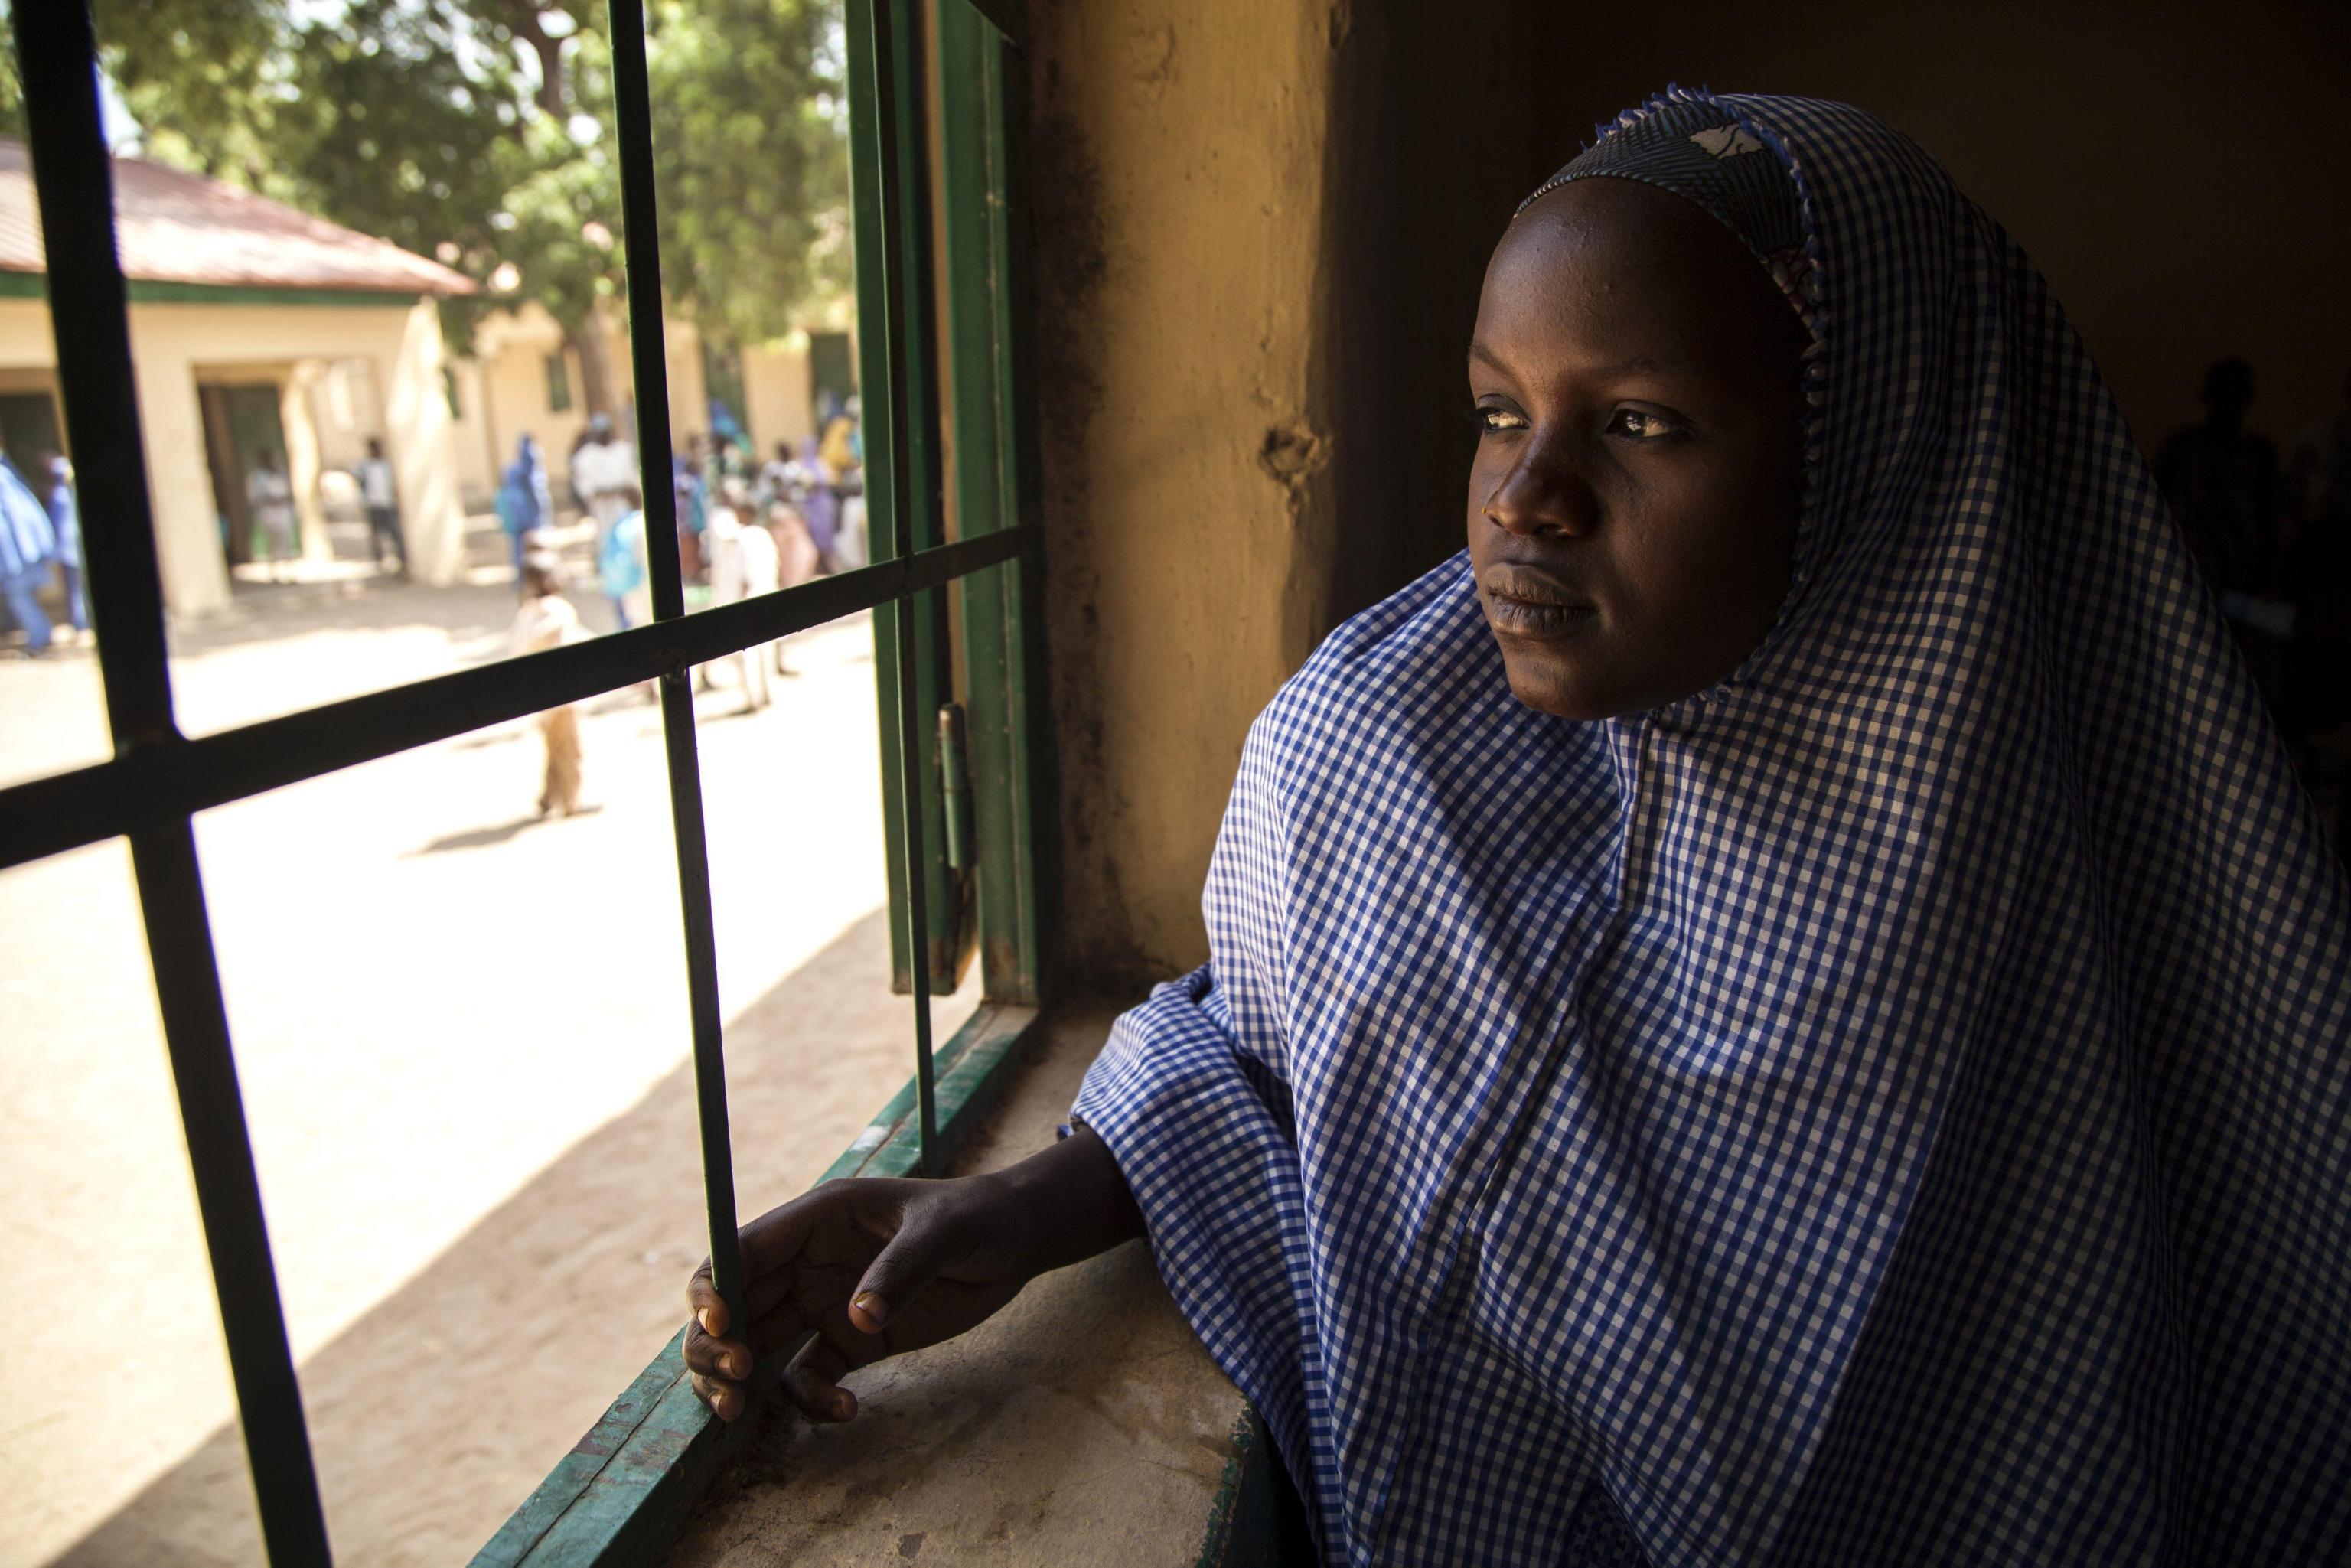 Tratta delle prostitute bambine nigeriane: arrivano in Italia sui barconi dei migranti